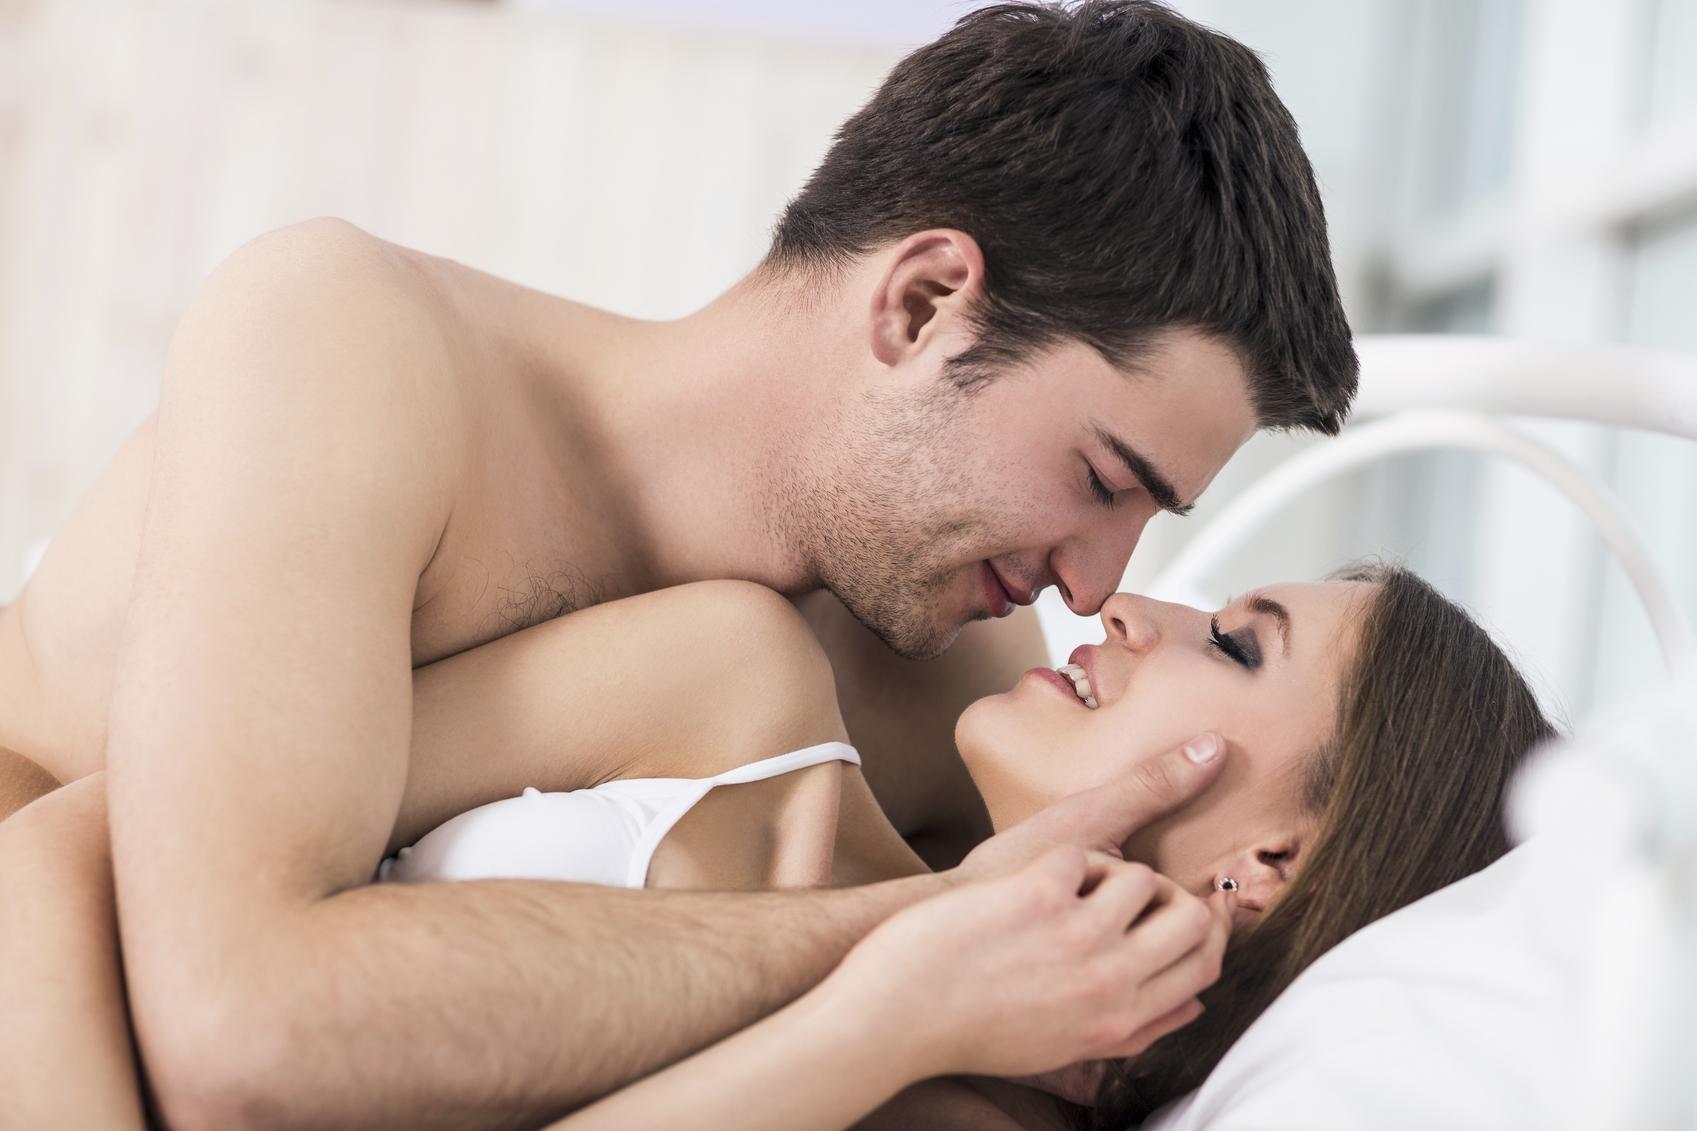 het beste bdsm seks